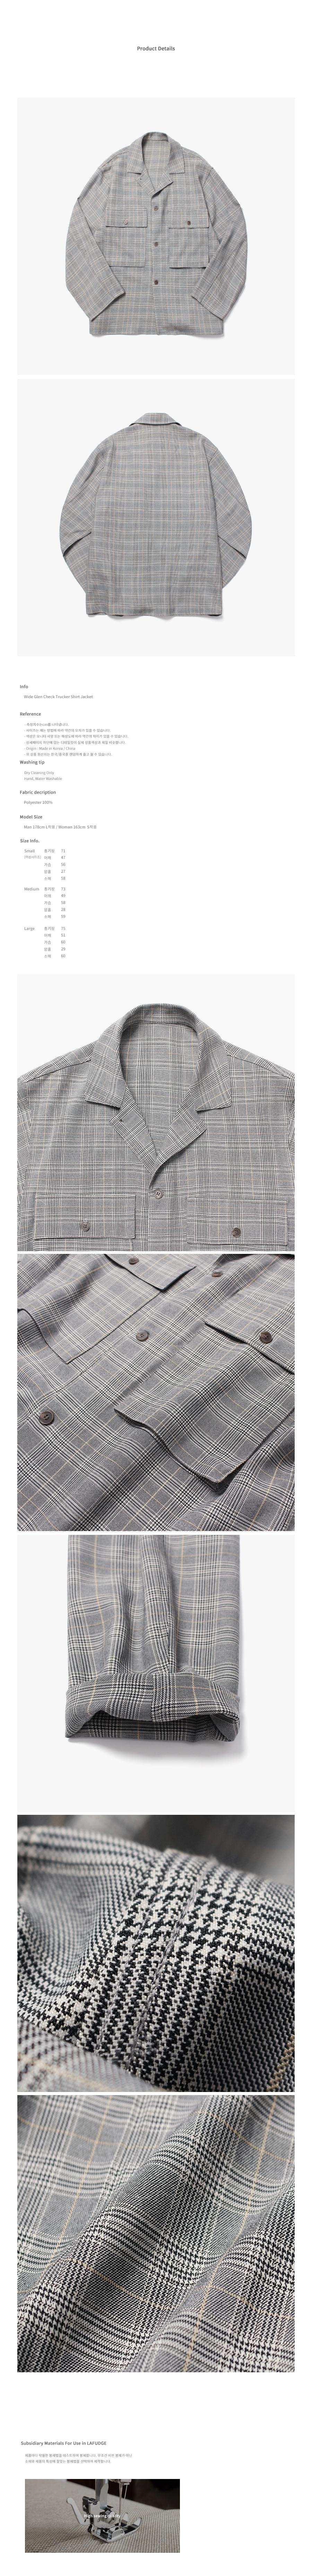 라퍼지스토어(LAFUDGESTORE) (Unisex)와이드 글렌체크 트러커 셔츠자켓